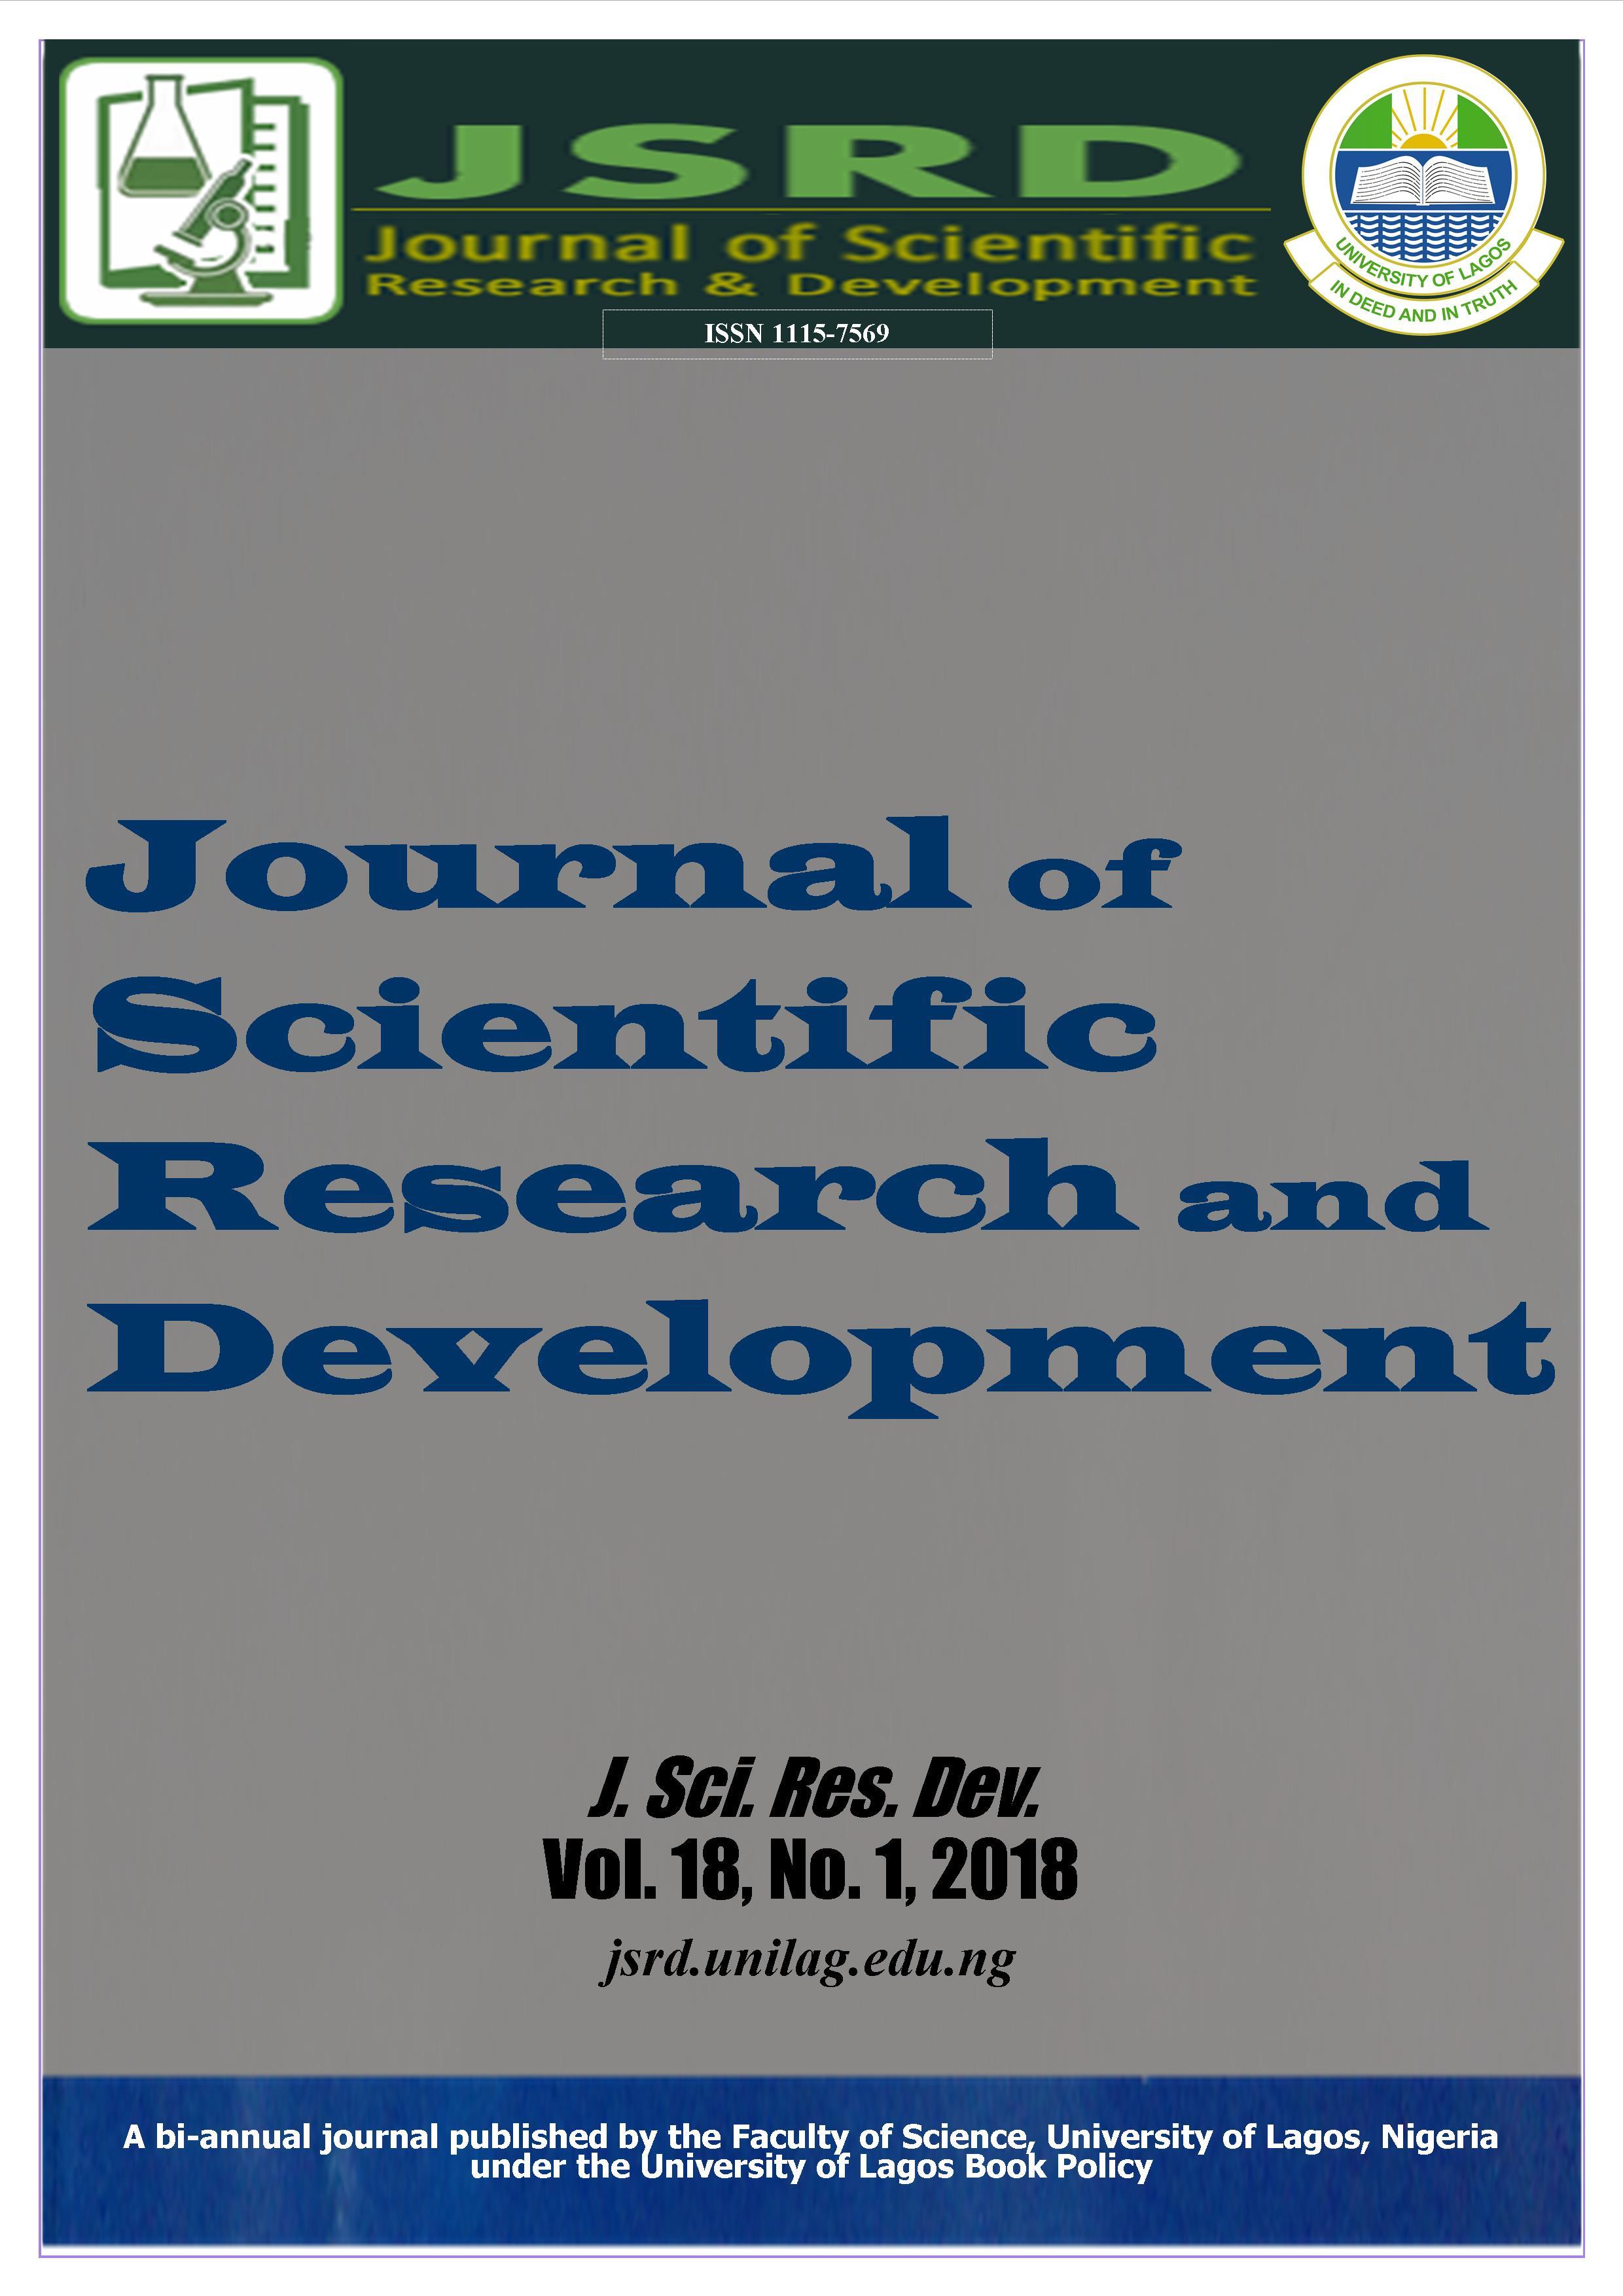 J. Sci. Res. Dev. Vol. 18, No. 1 (2018)